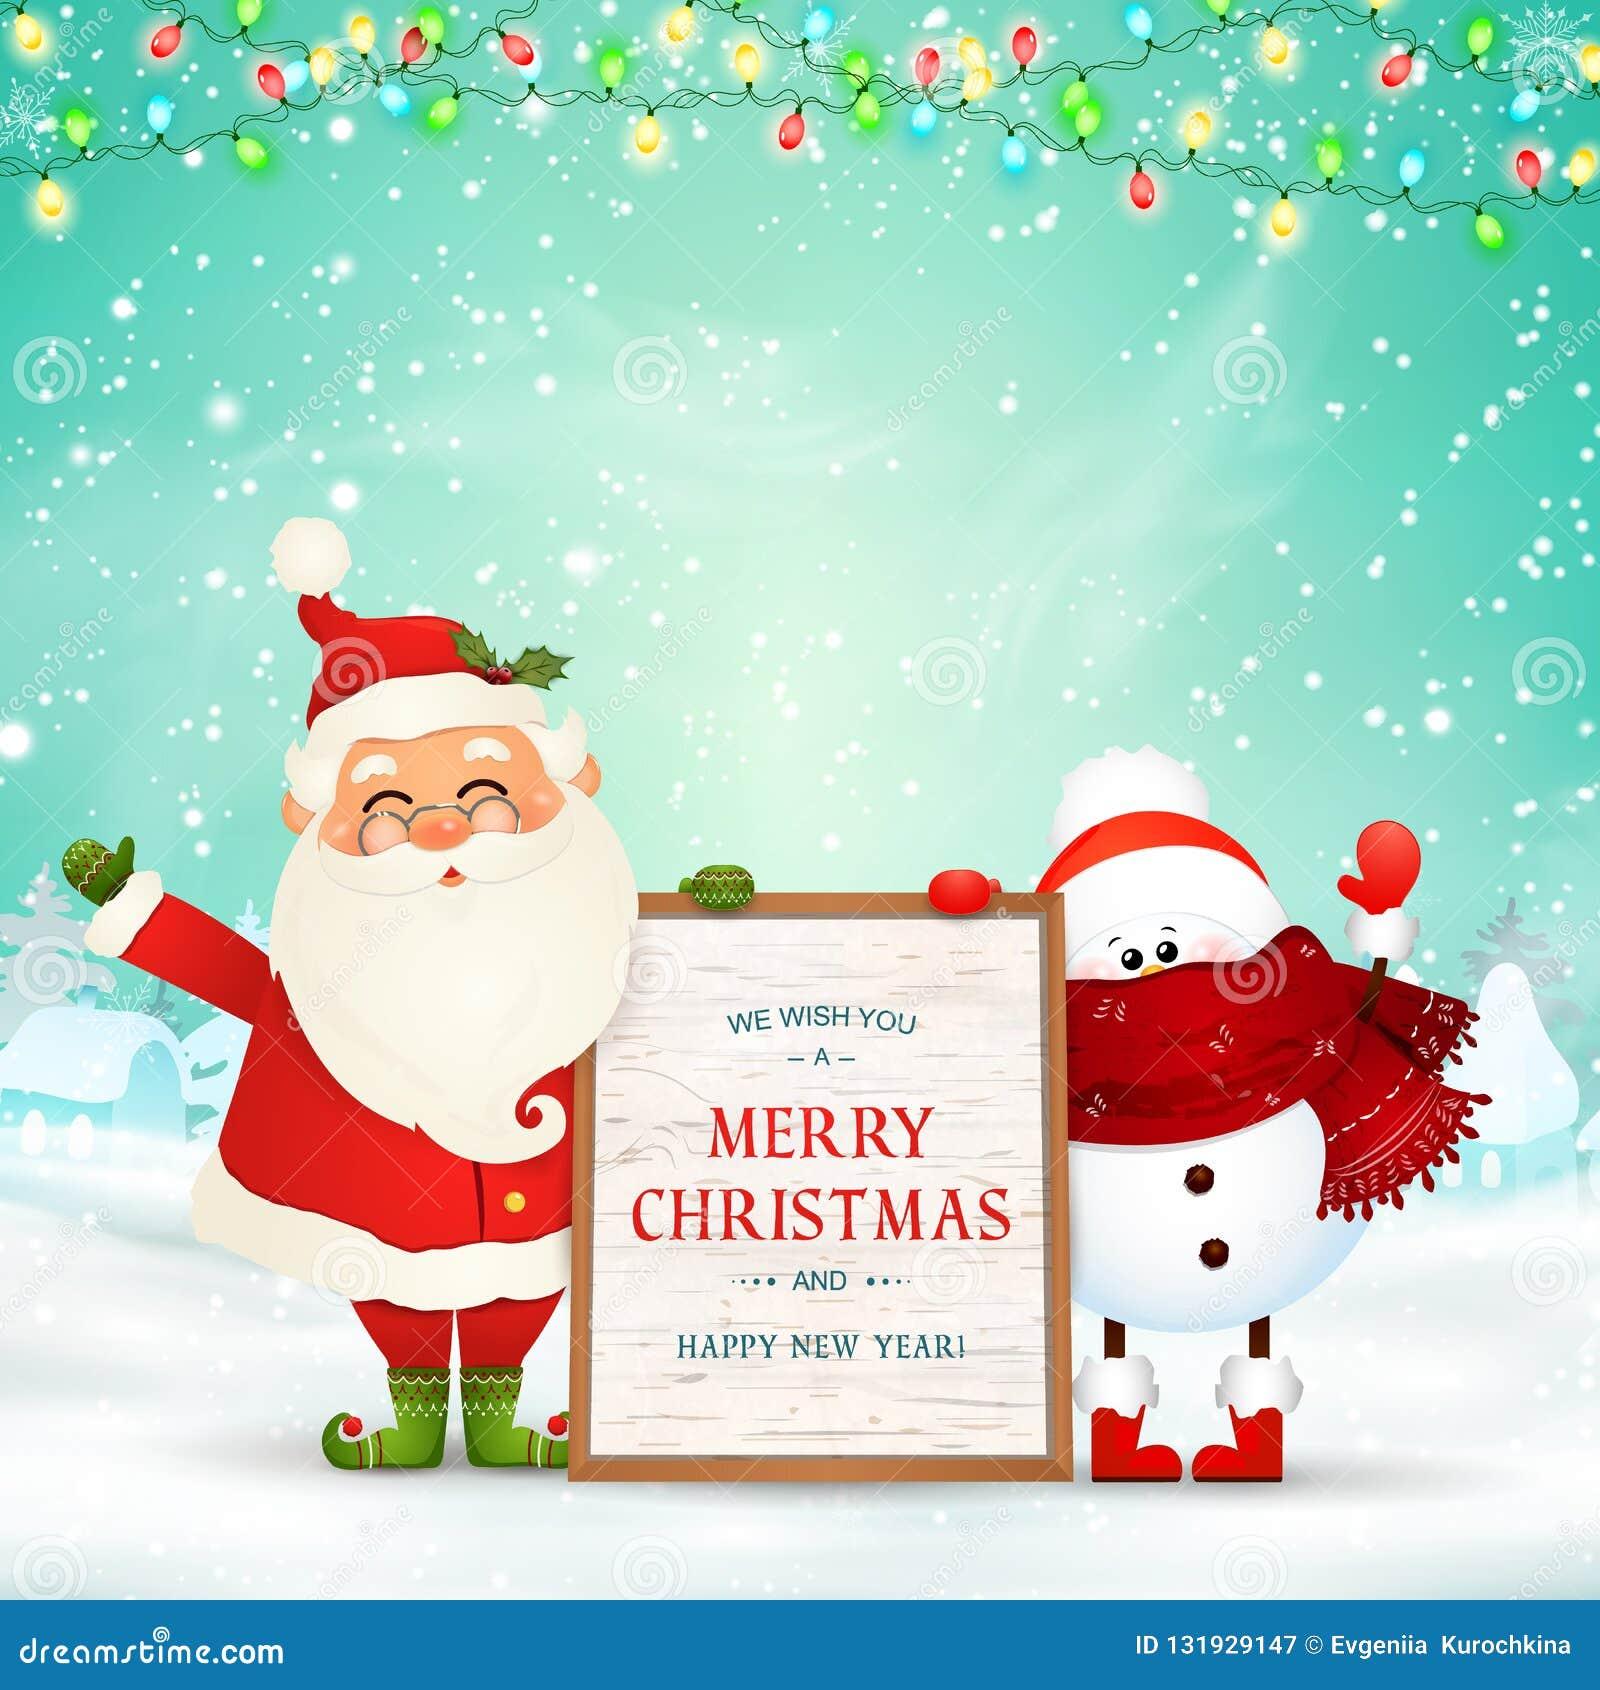 Frohe Weihnachten Lustige Bilder.Frohe Weihnachten Gluckliches Neues Jahr Lustige Santa Claus